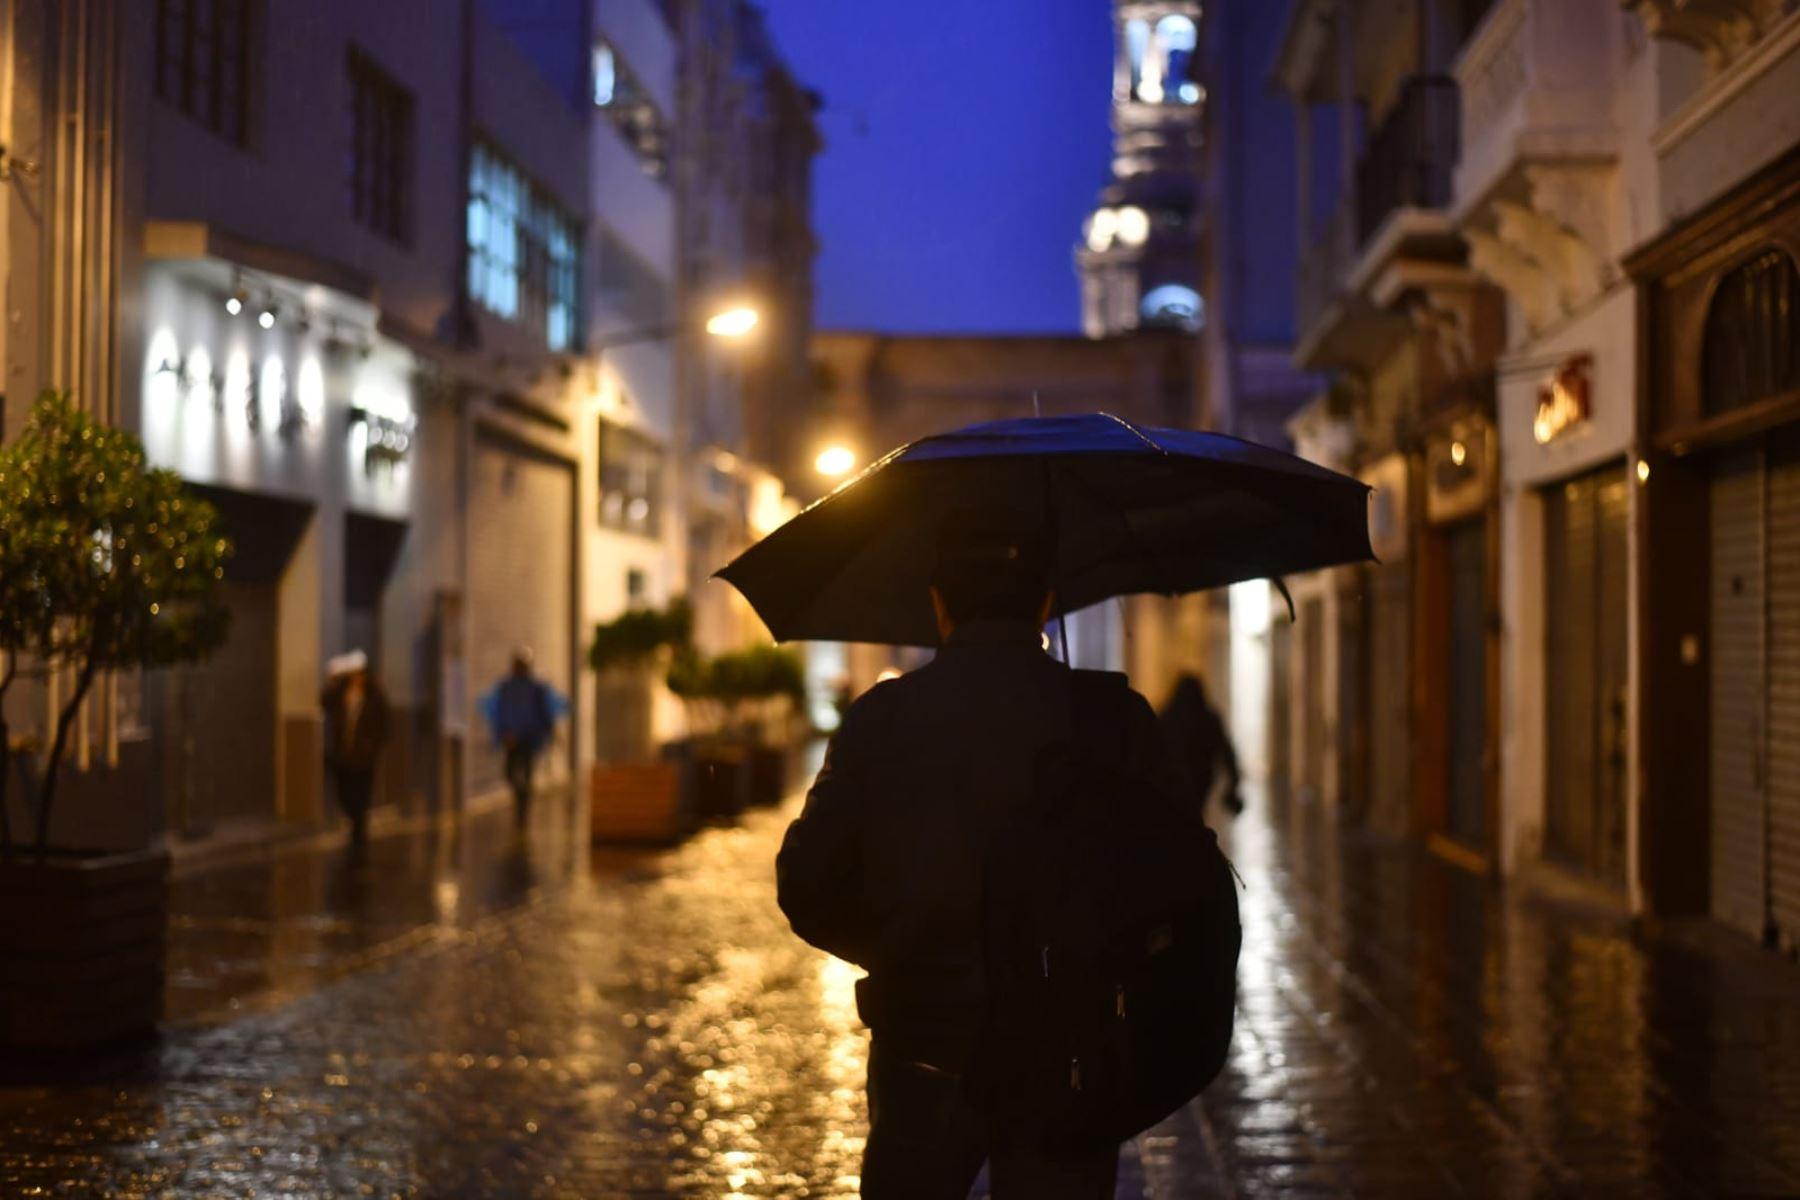 Pobladores de Arequipa acatan la Inmovilización social obligatoria desde las 20:00 hasta las 05:00 horas.  Foto: Cortesía Frase corta